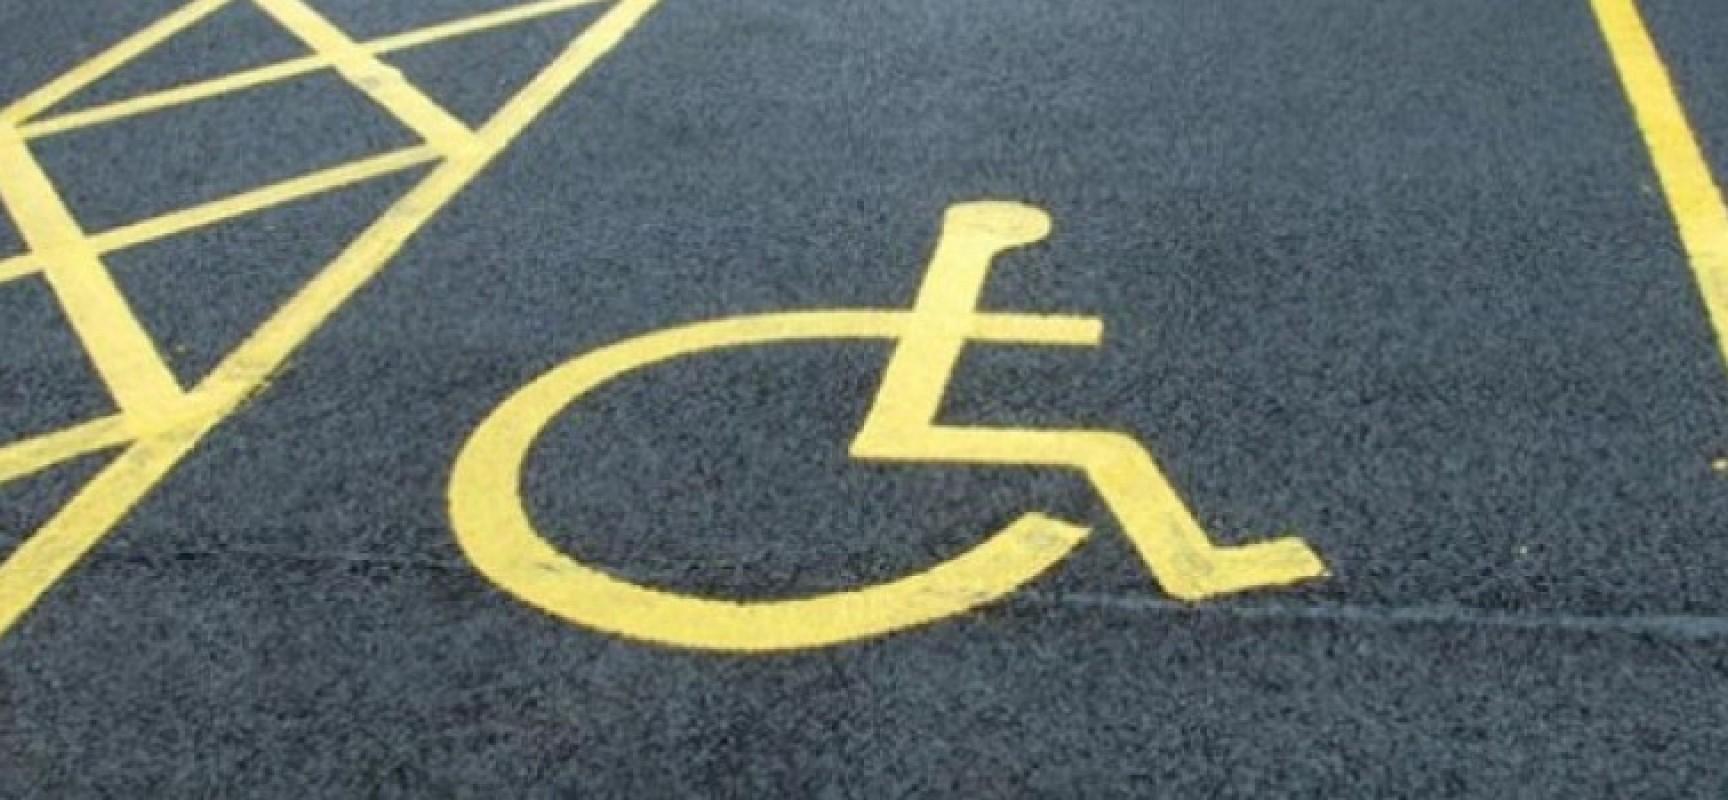 Istituiti 27 nuovi spazi di sosta riservati a disabili /DETTAGLI